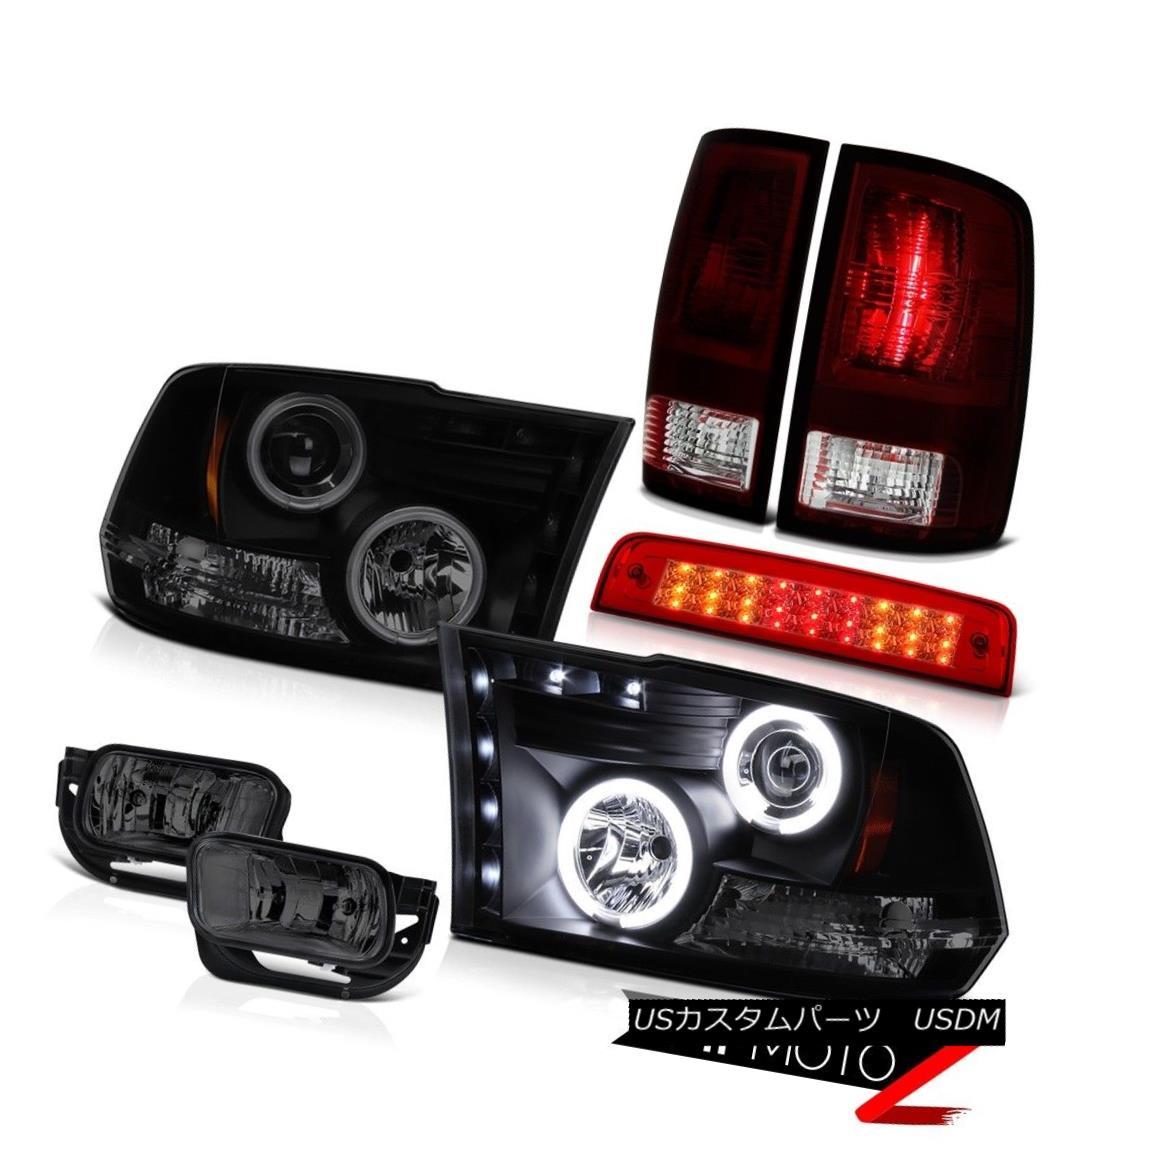 ヘッドライト 2010-2018 Ram 3500 5.7L 3RD Brake Light Foglamps Rear Lights Headlights NeweST 2010-2018 Ram 3500 5.7L 3RDブレーキライトフォグランプリアライトヘッドライトNeweST